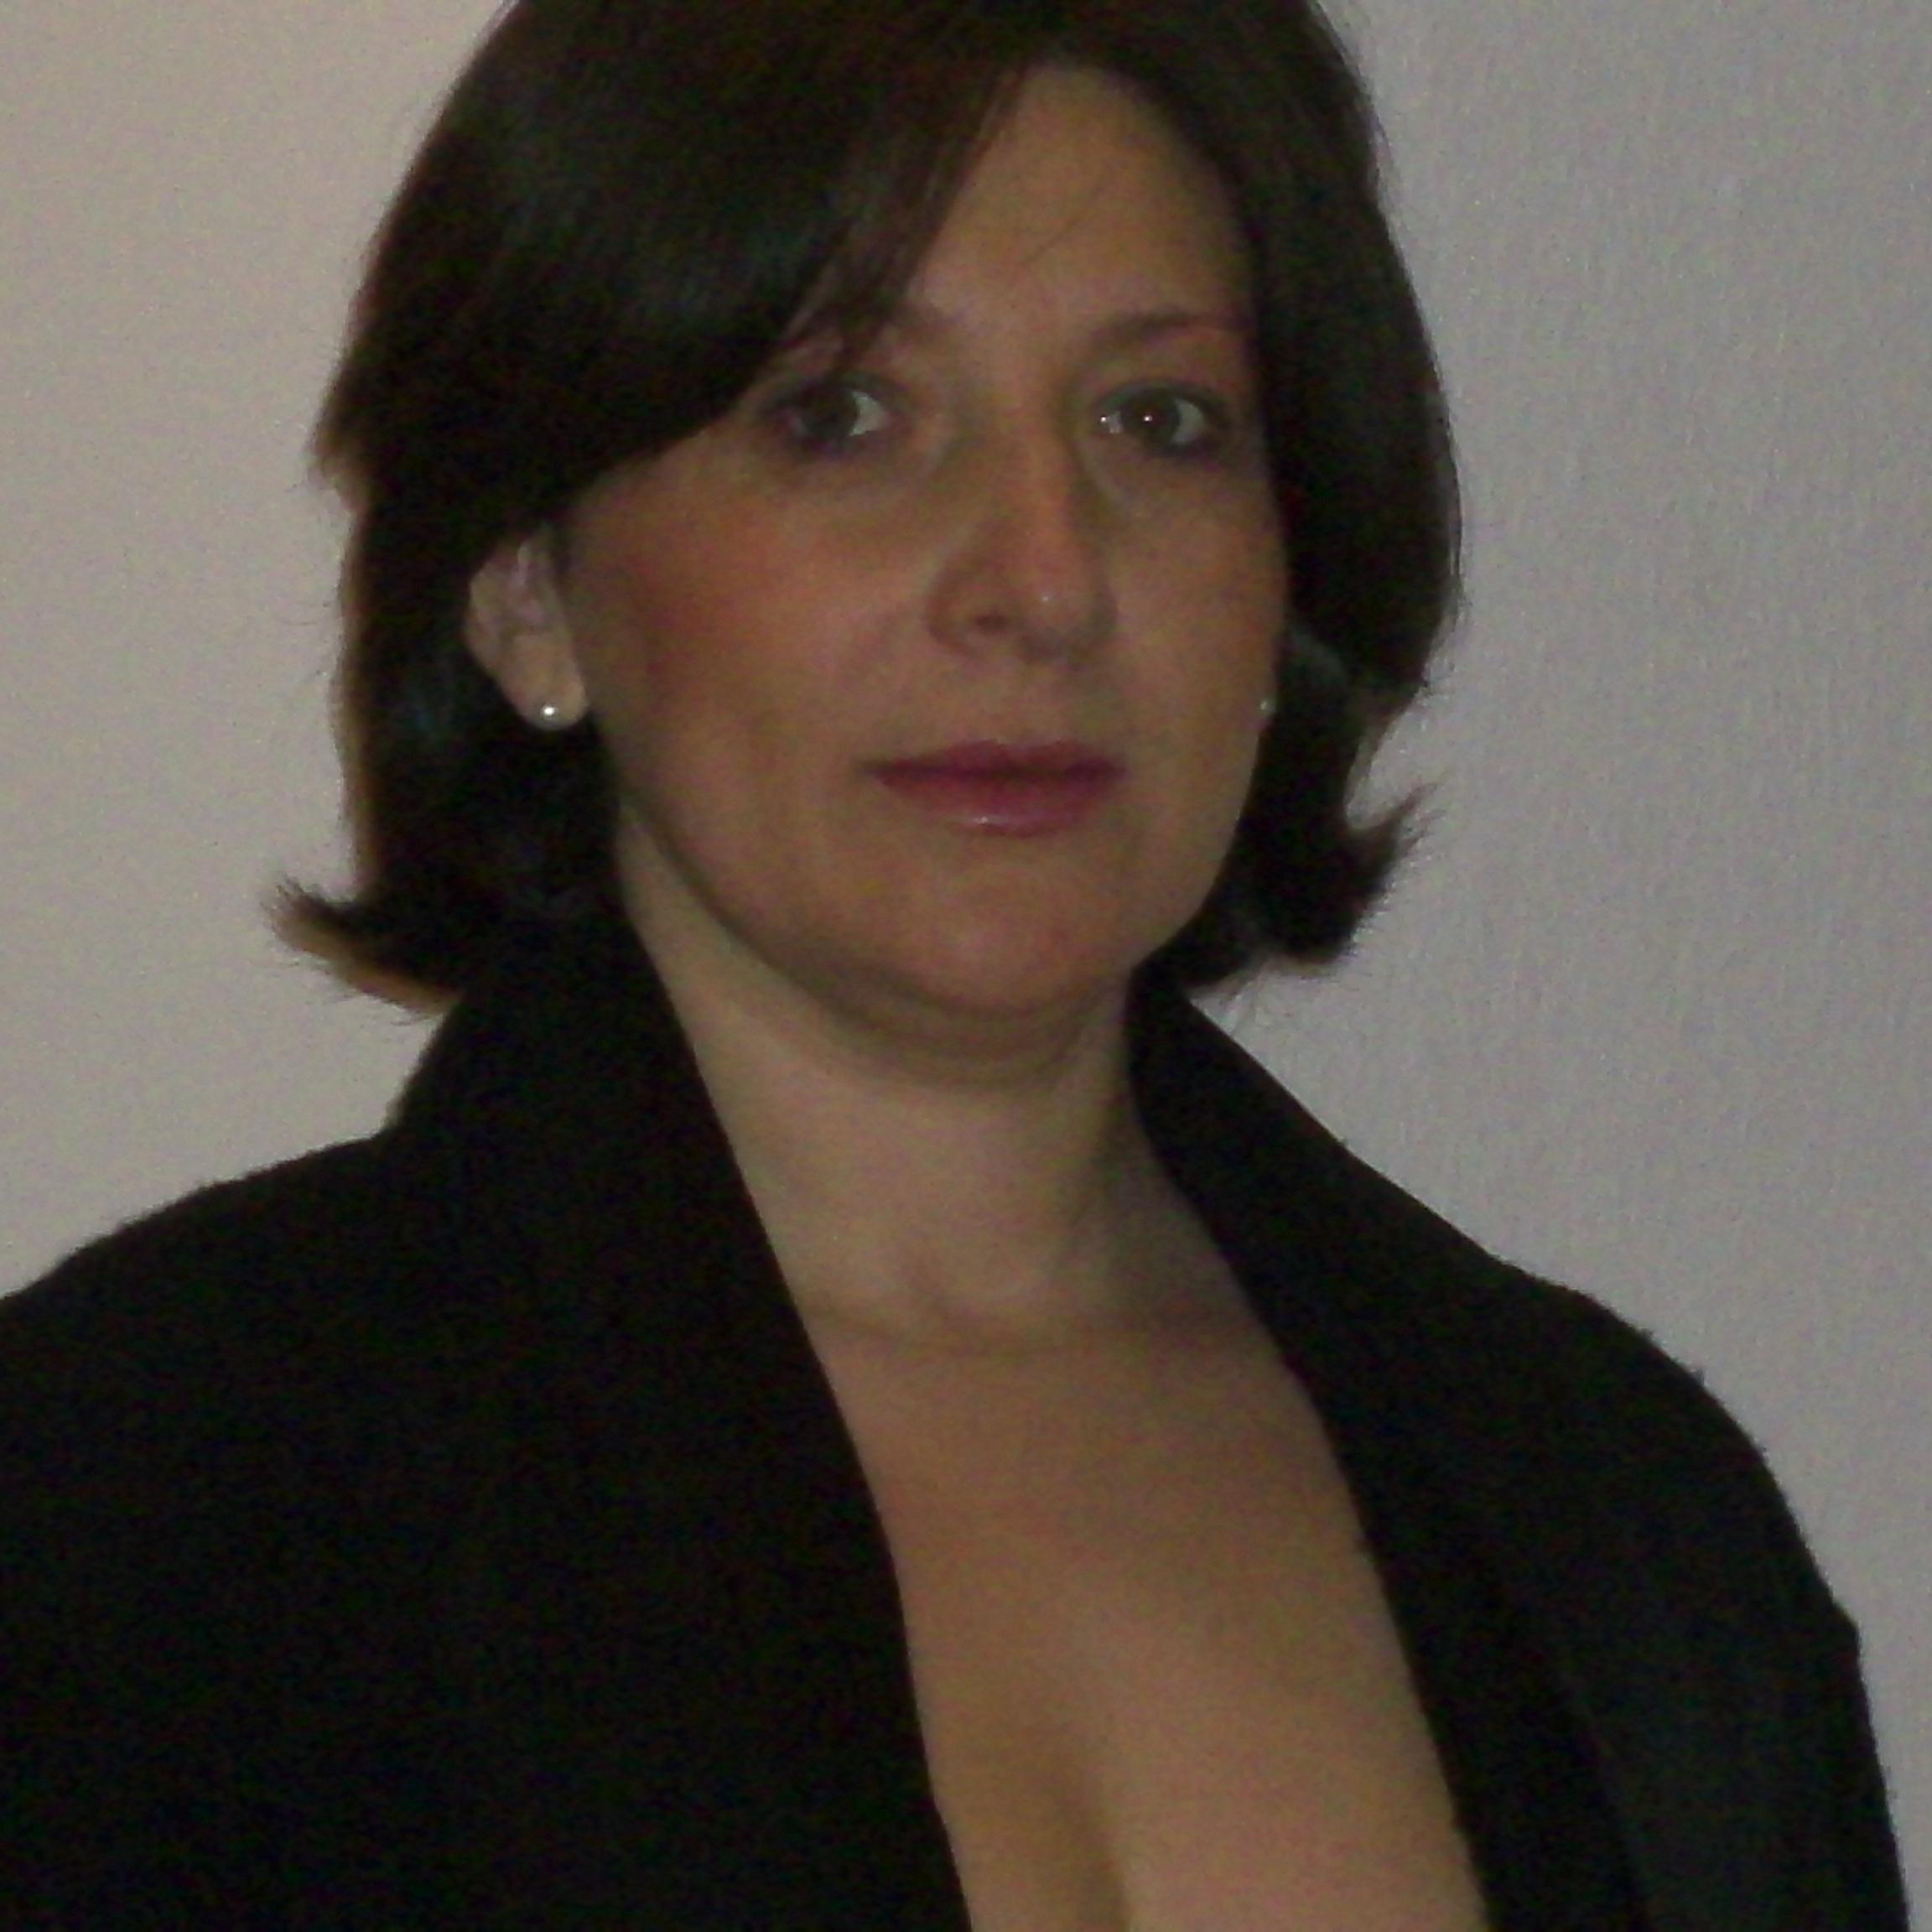 Felicia Feldiorean